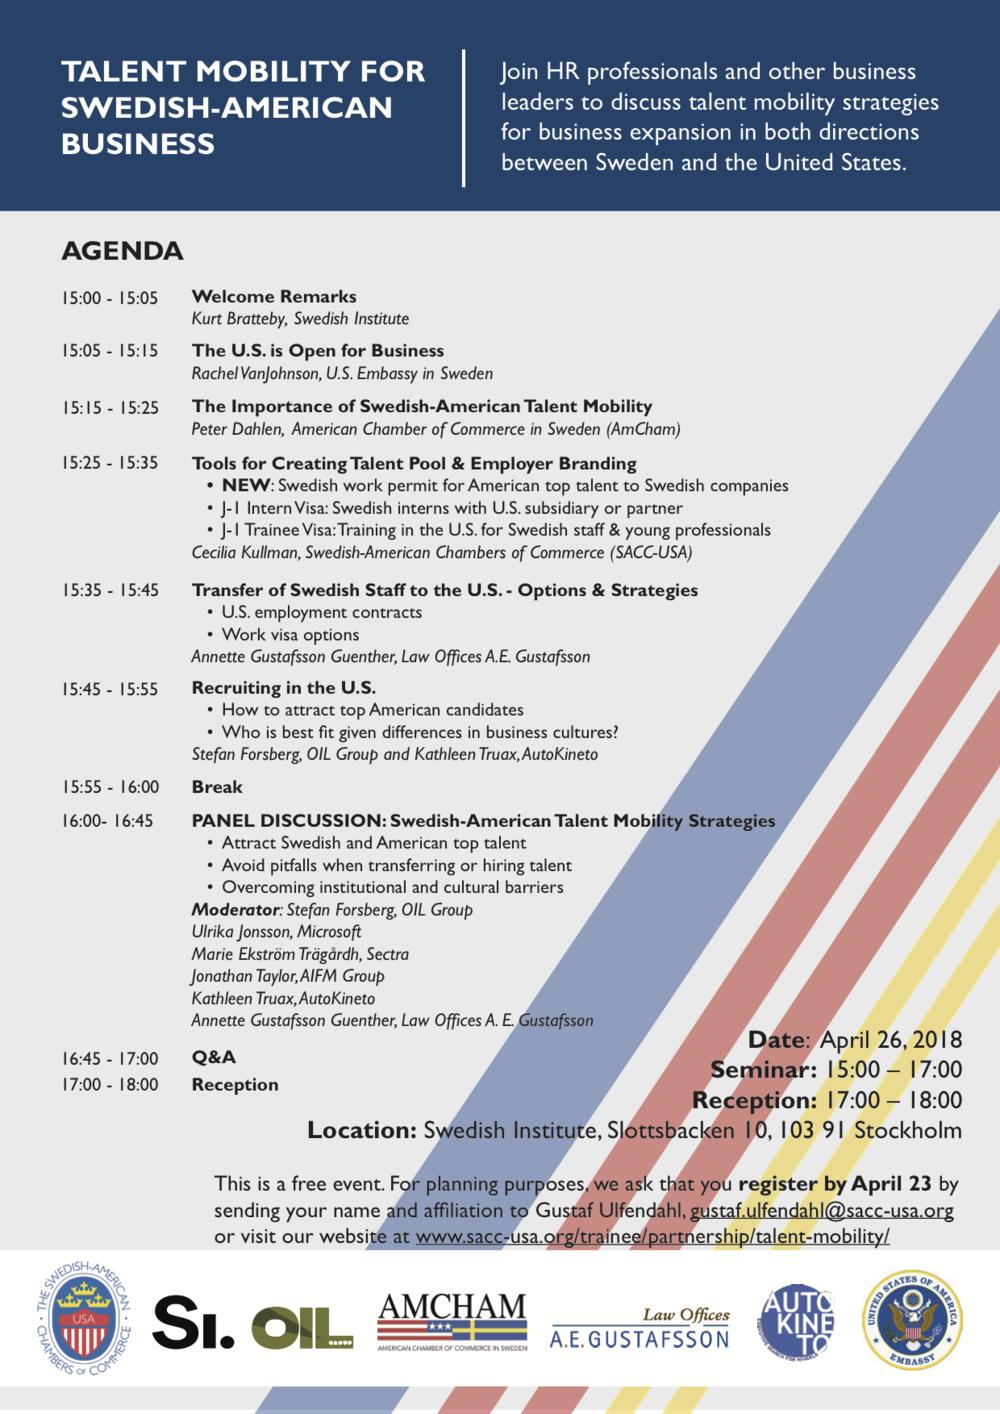 TALENTMOBILITY_agenda2018.png